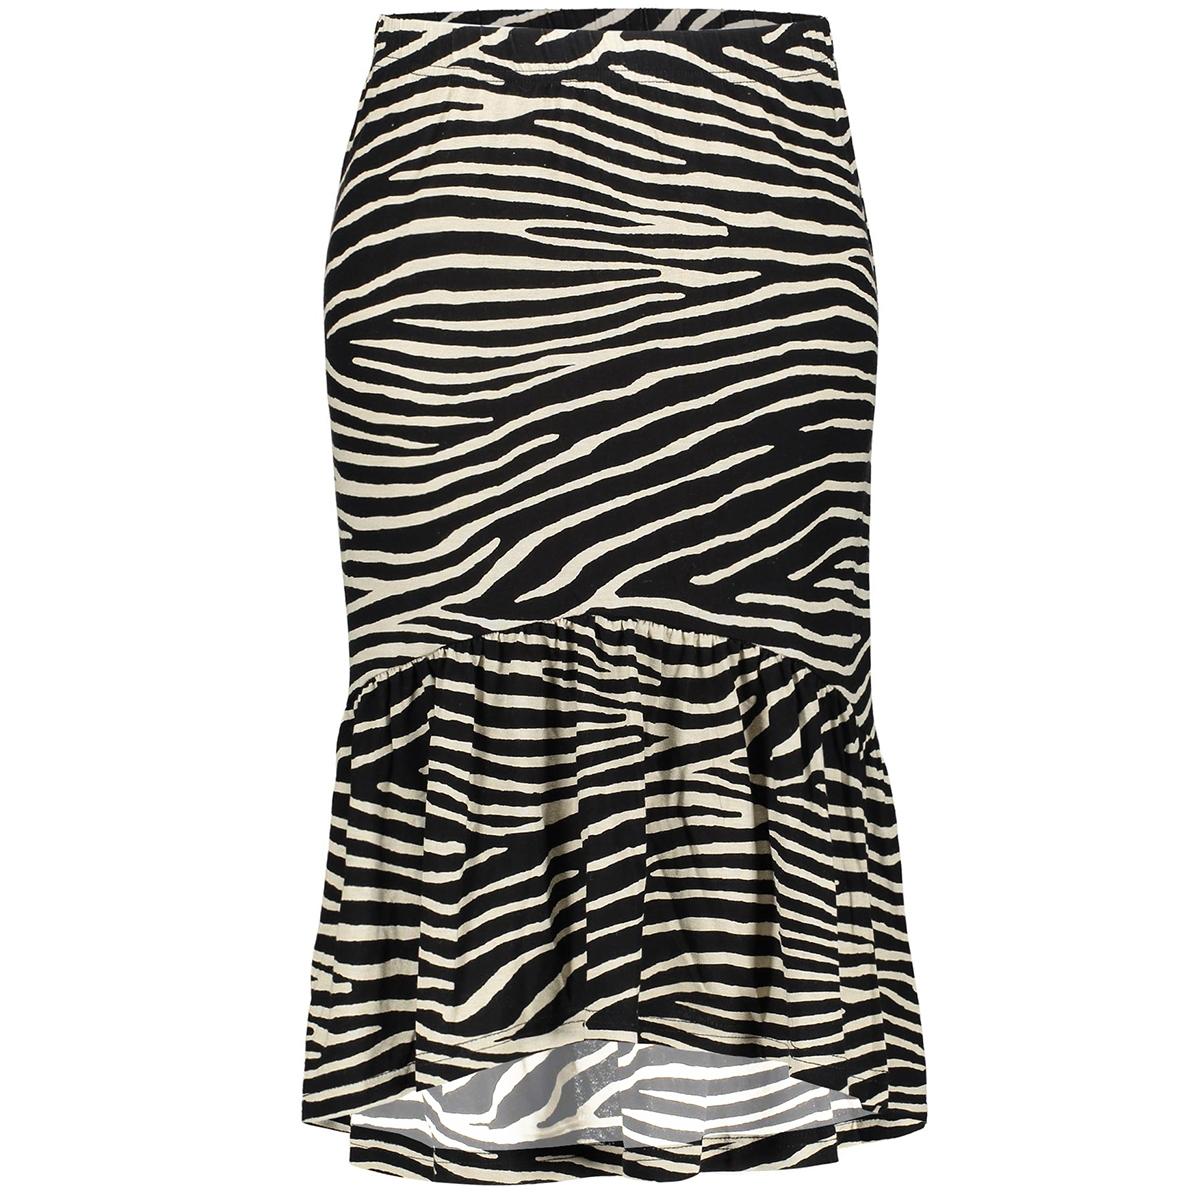 skirt 34 zebra 06356 20 geisha rok black/off white combi